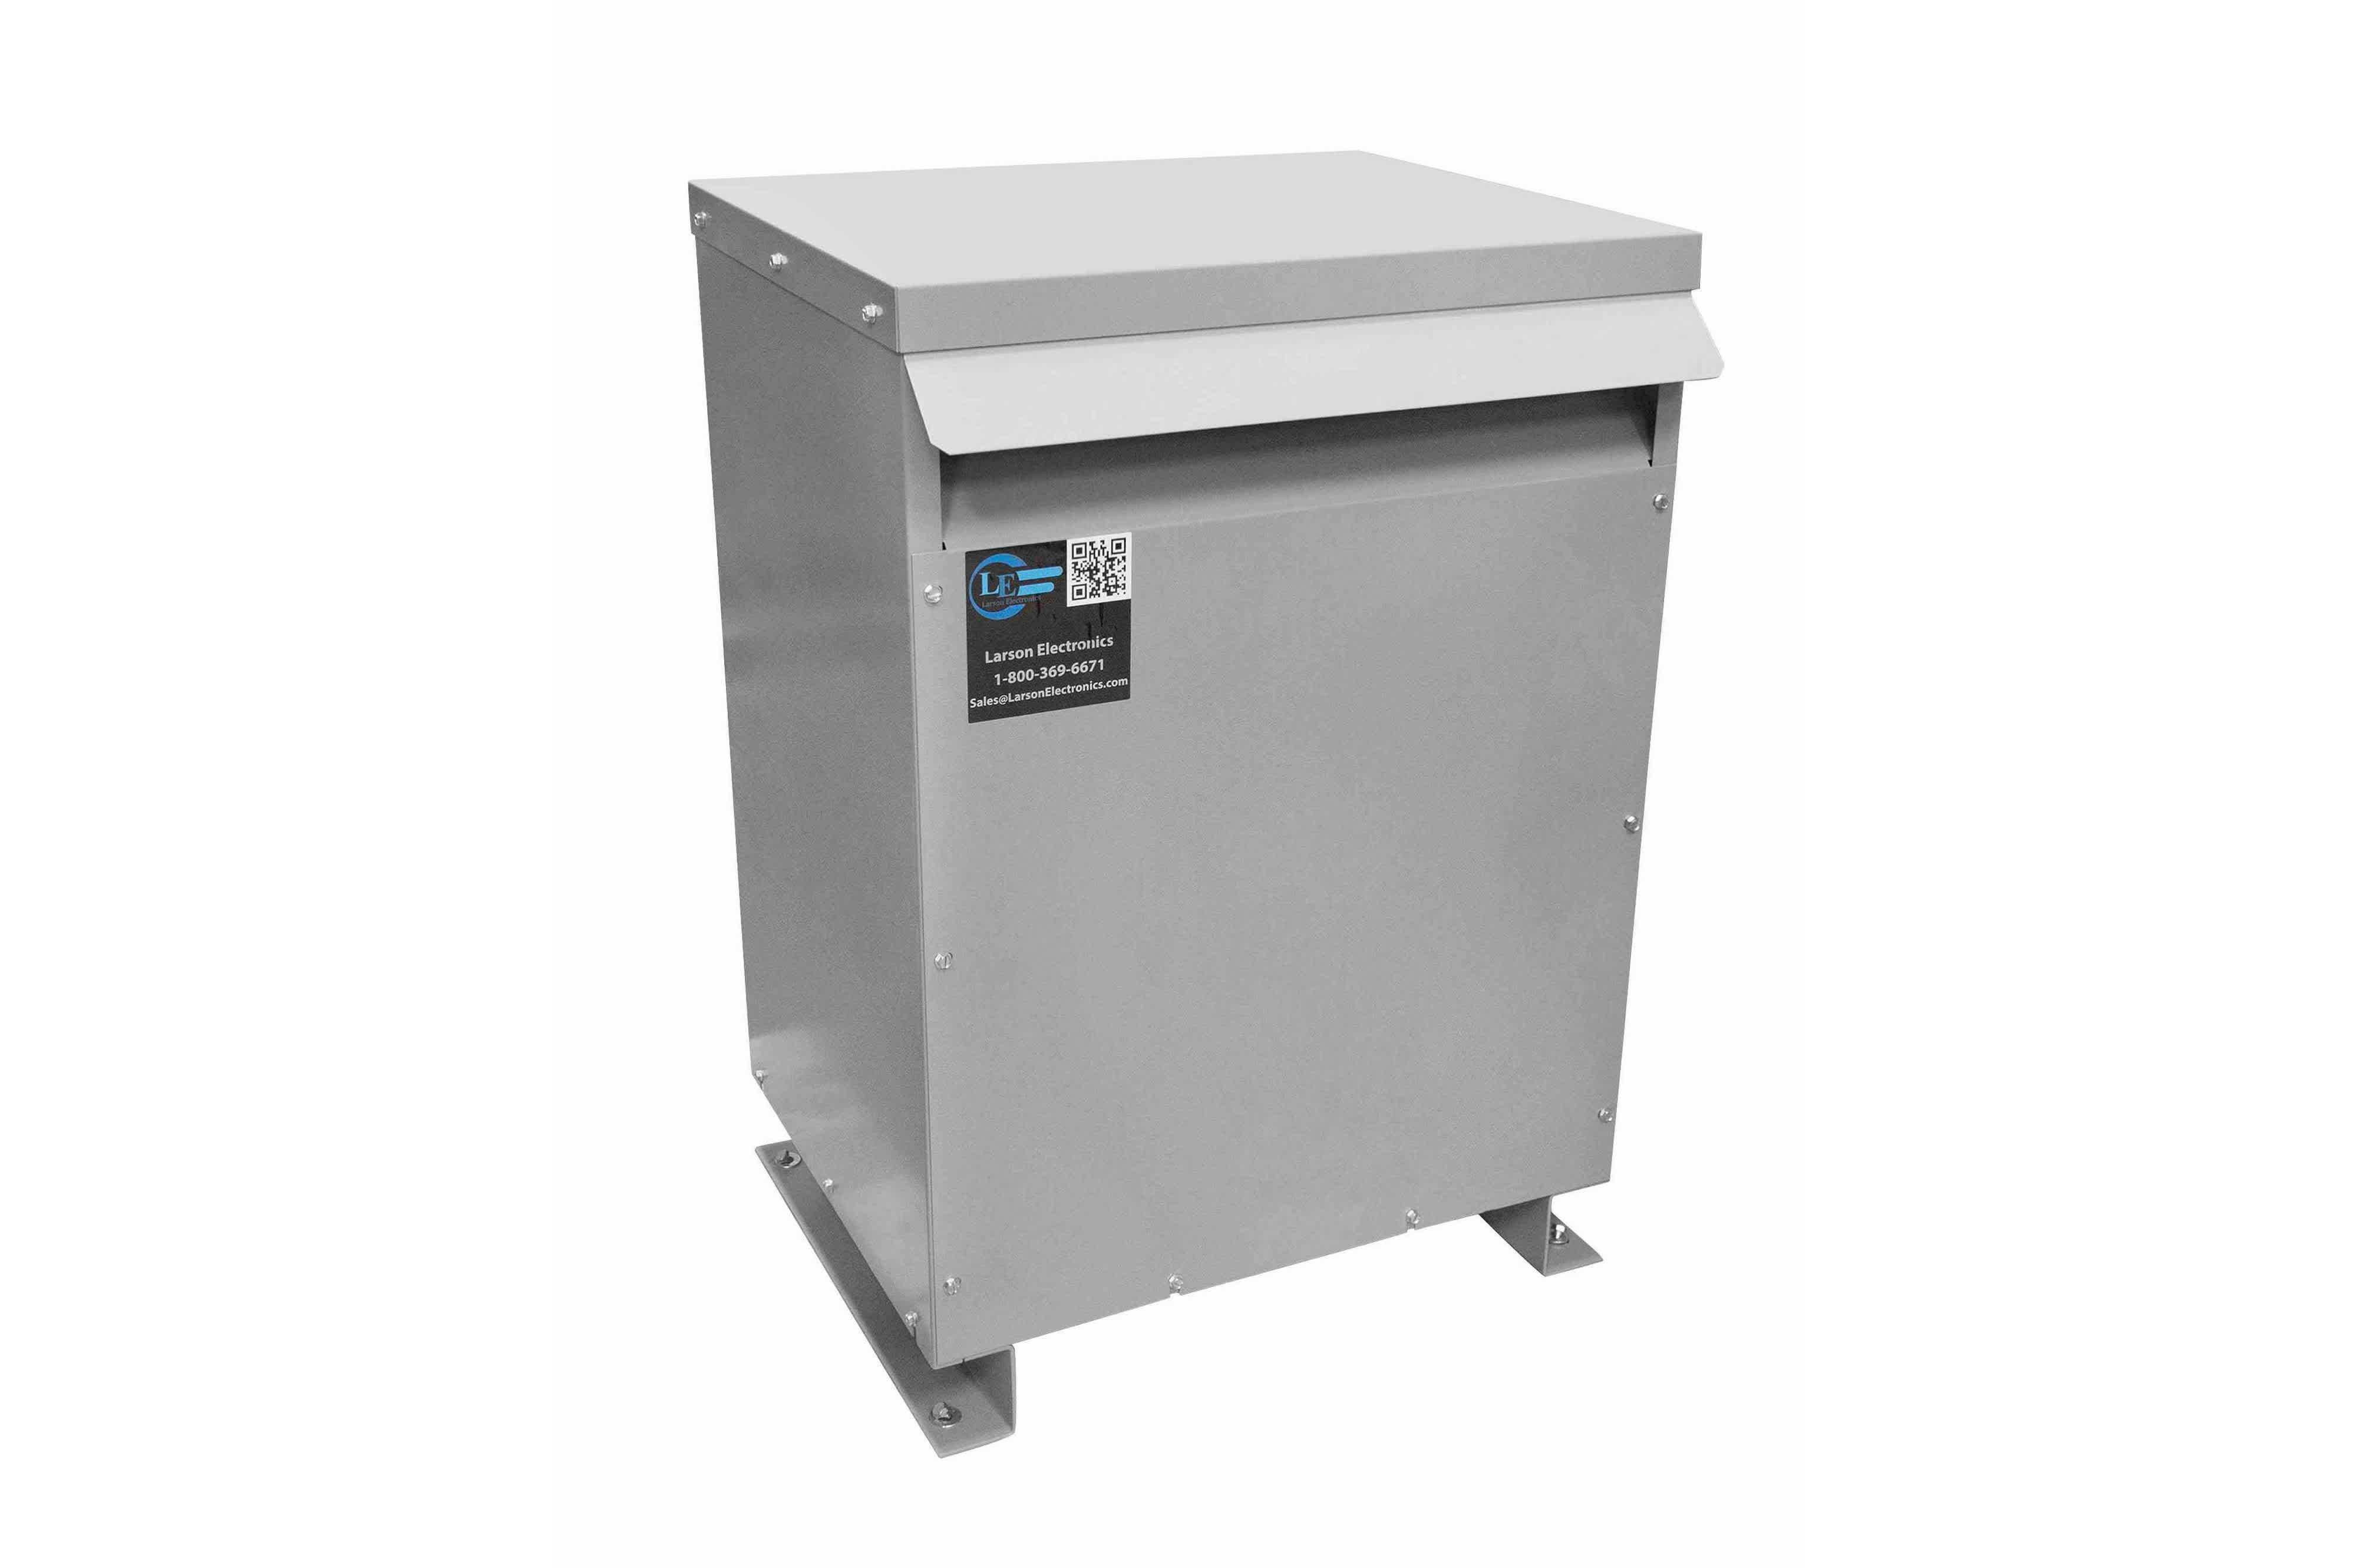 80 kVA 3PH Isolation Transformer, 460V Delta Primary, 415V Delta Secondary, N3R, Ventilated, 60 Hz